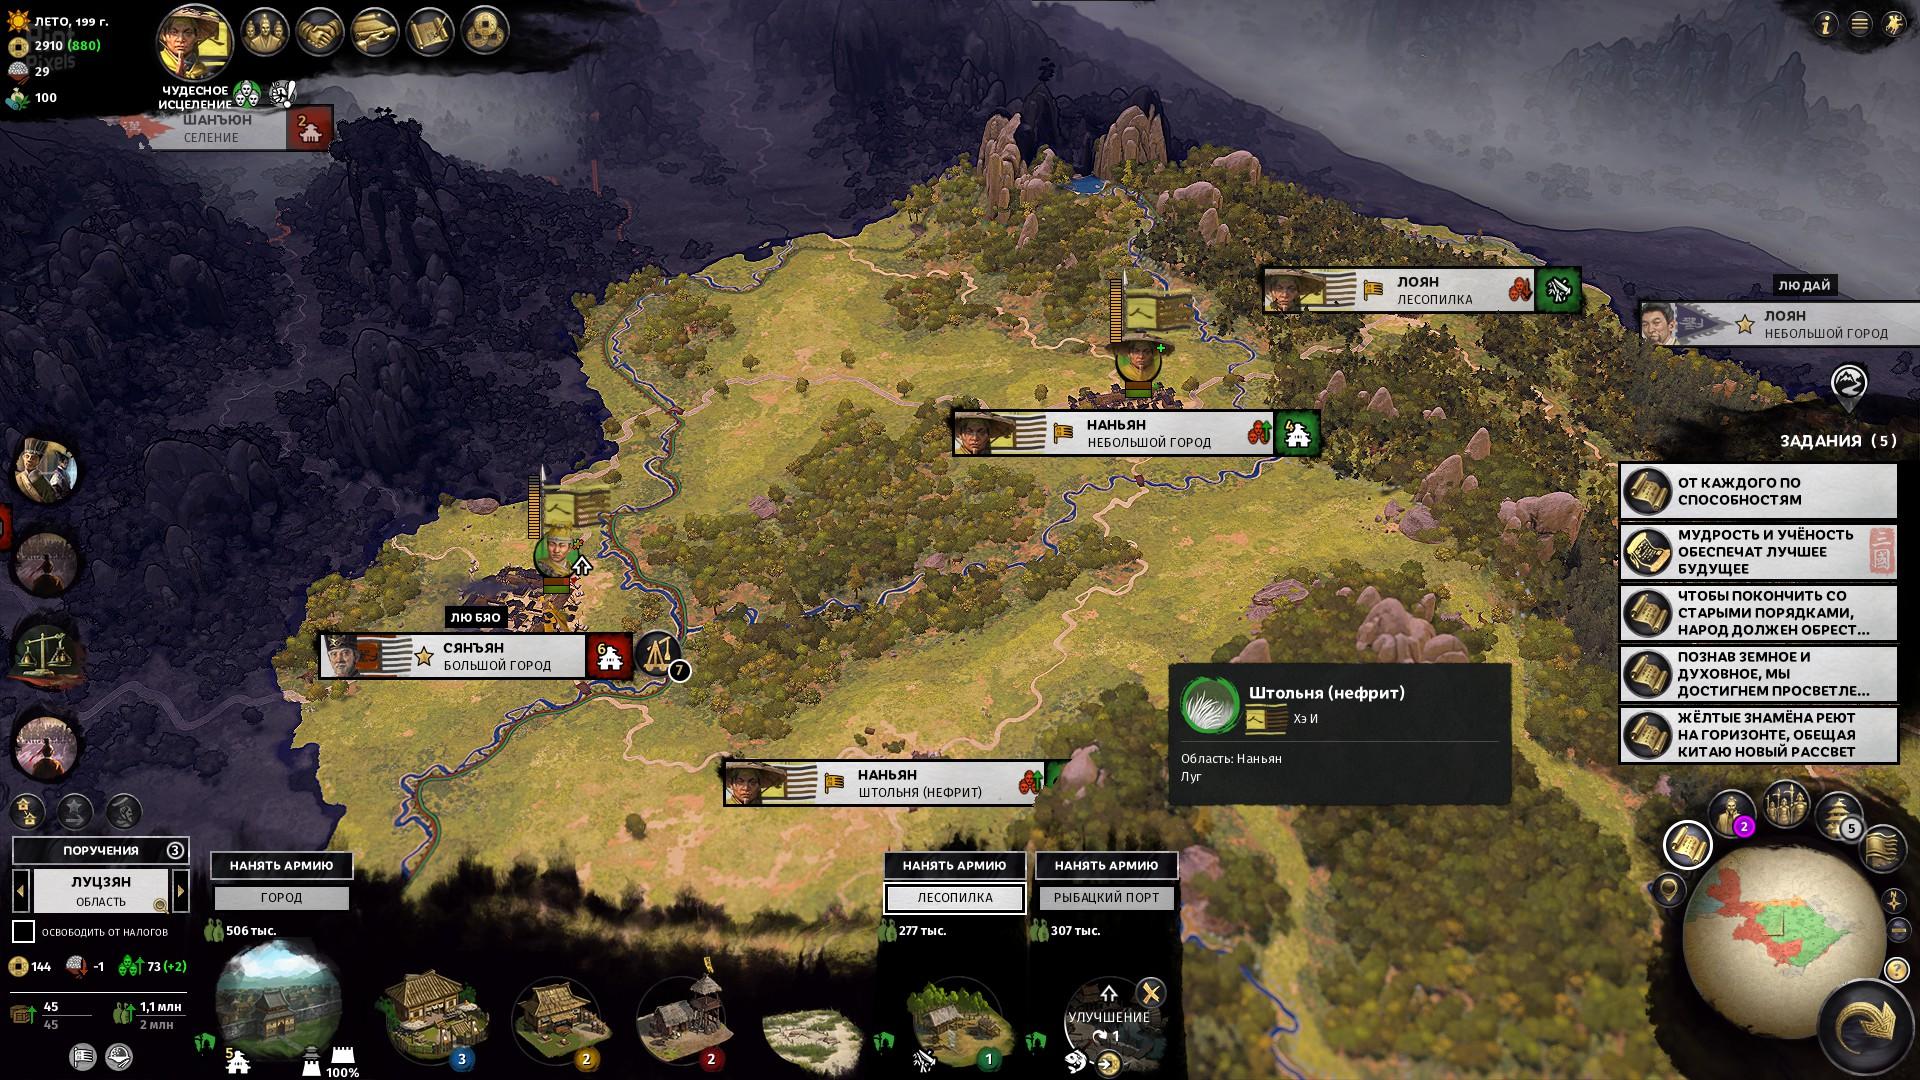 Total War: Three Kingdoms - game screenshots at Riot Pixels, images